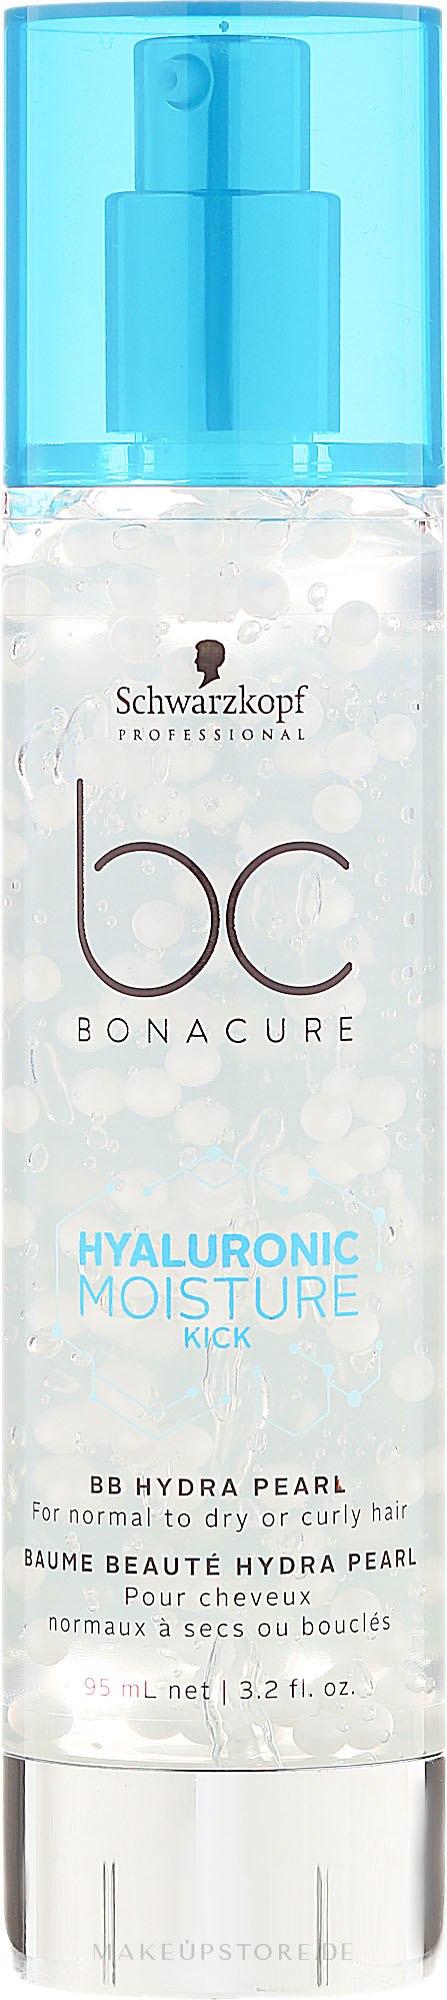 BB Creme für normales bis trockenes Haar - Schwarzkopf Professional BC Hyaluronic Moisture Kick BB Hydra Pearl — Bild 95 ml